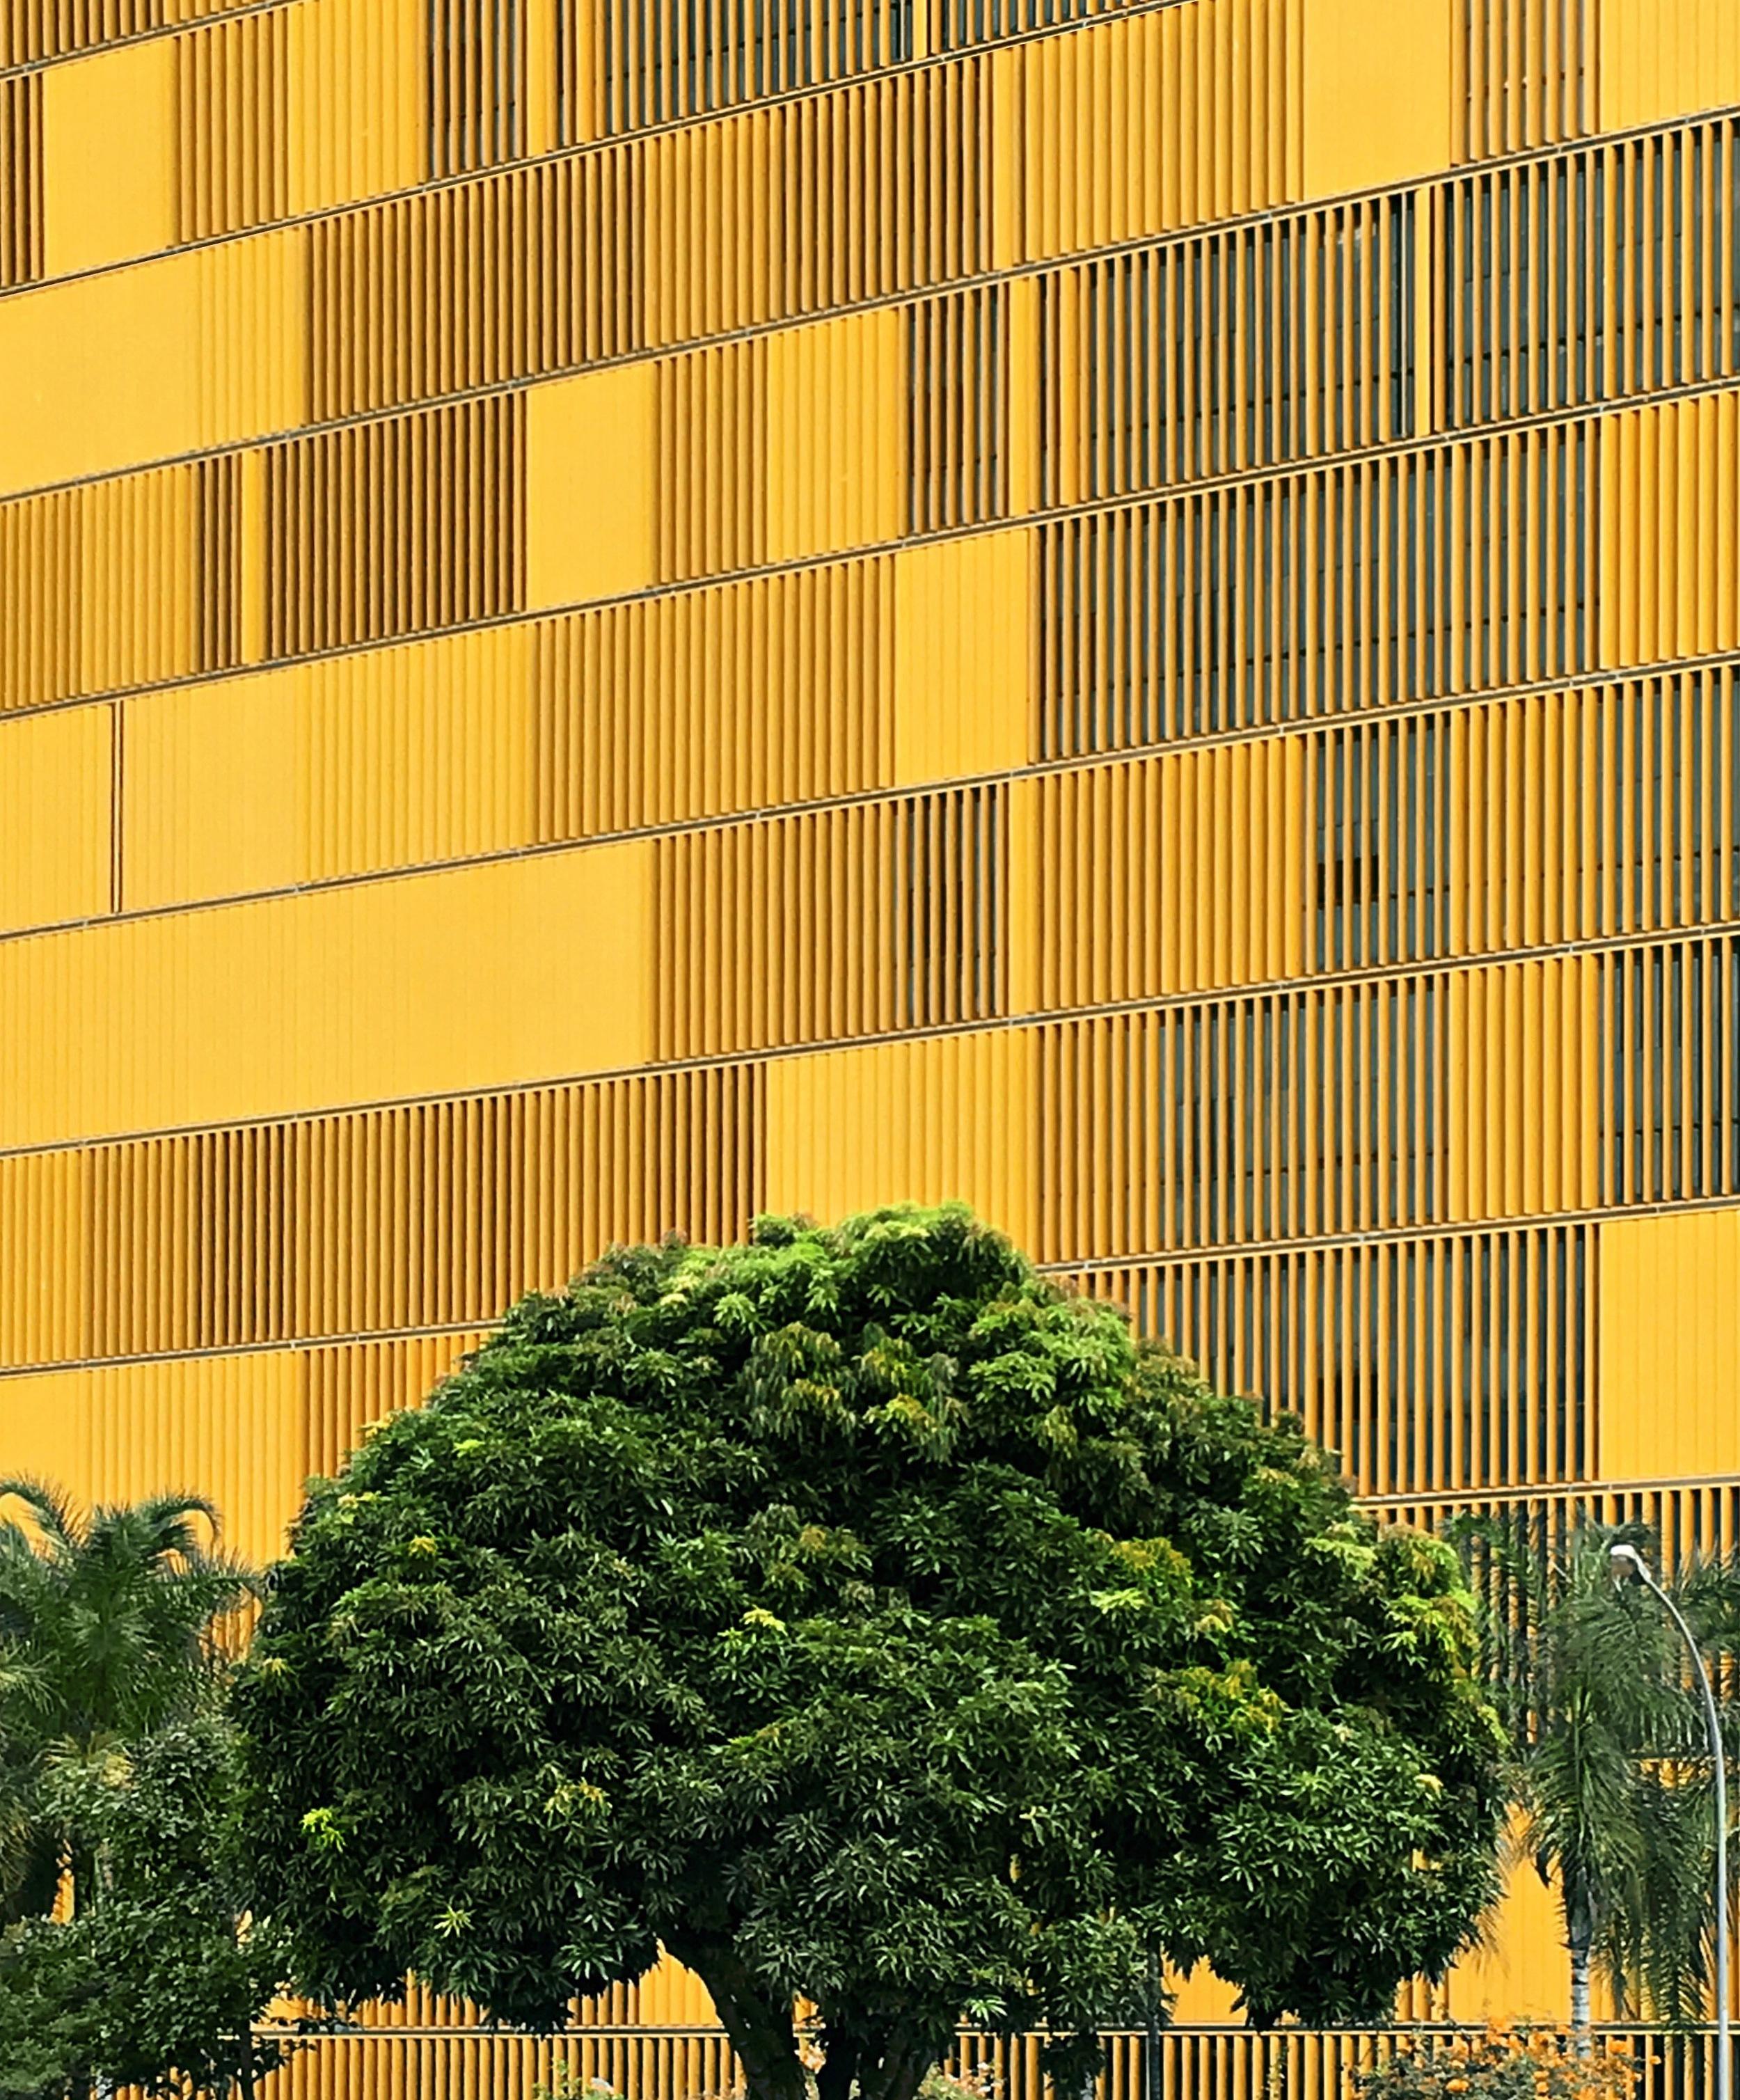 Câmara dos Deputados / Parliament Building